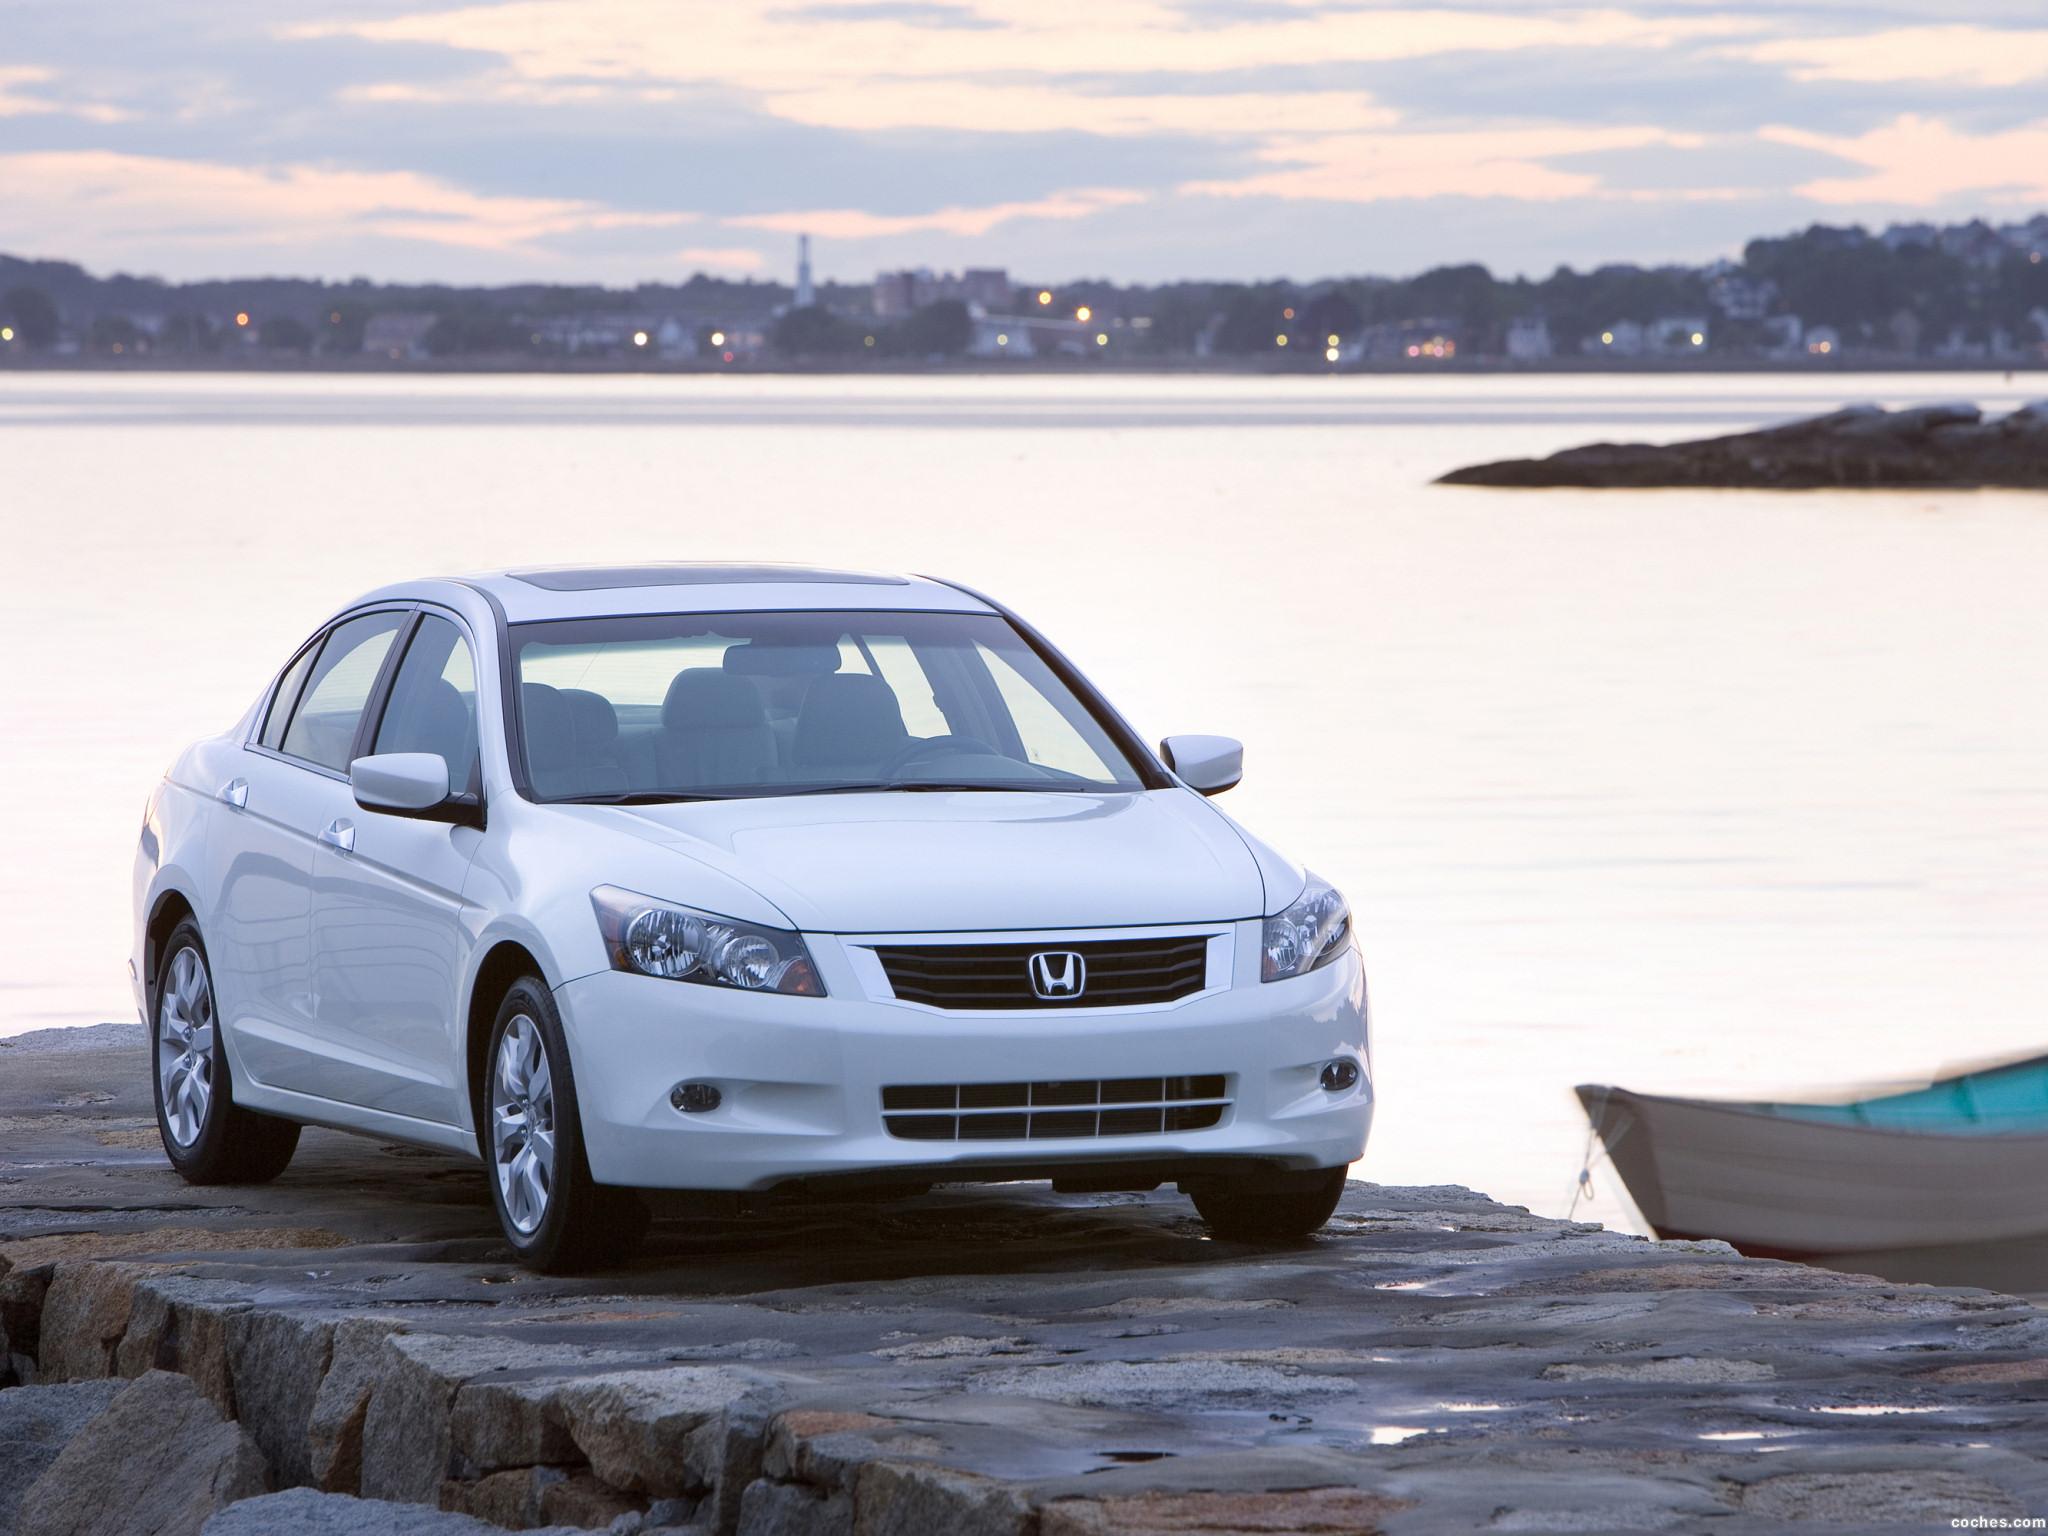 Foto 15 de Honda Accord Sedan USA 2008